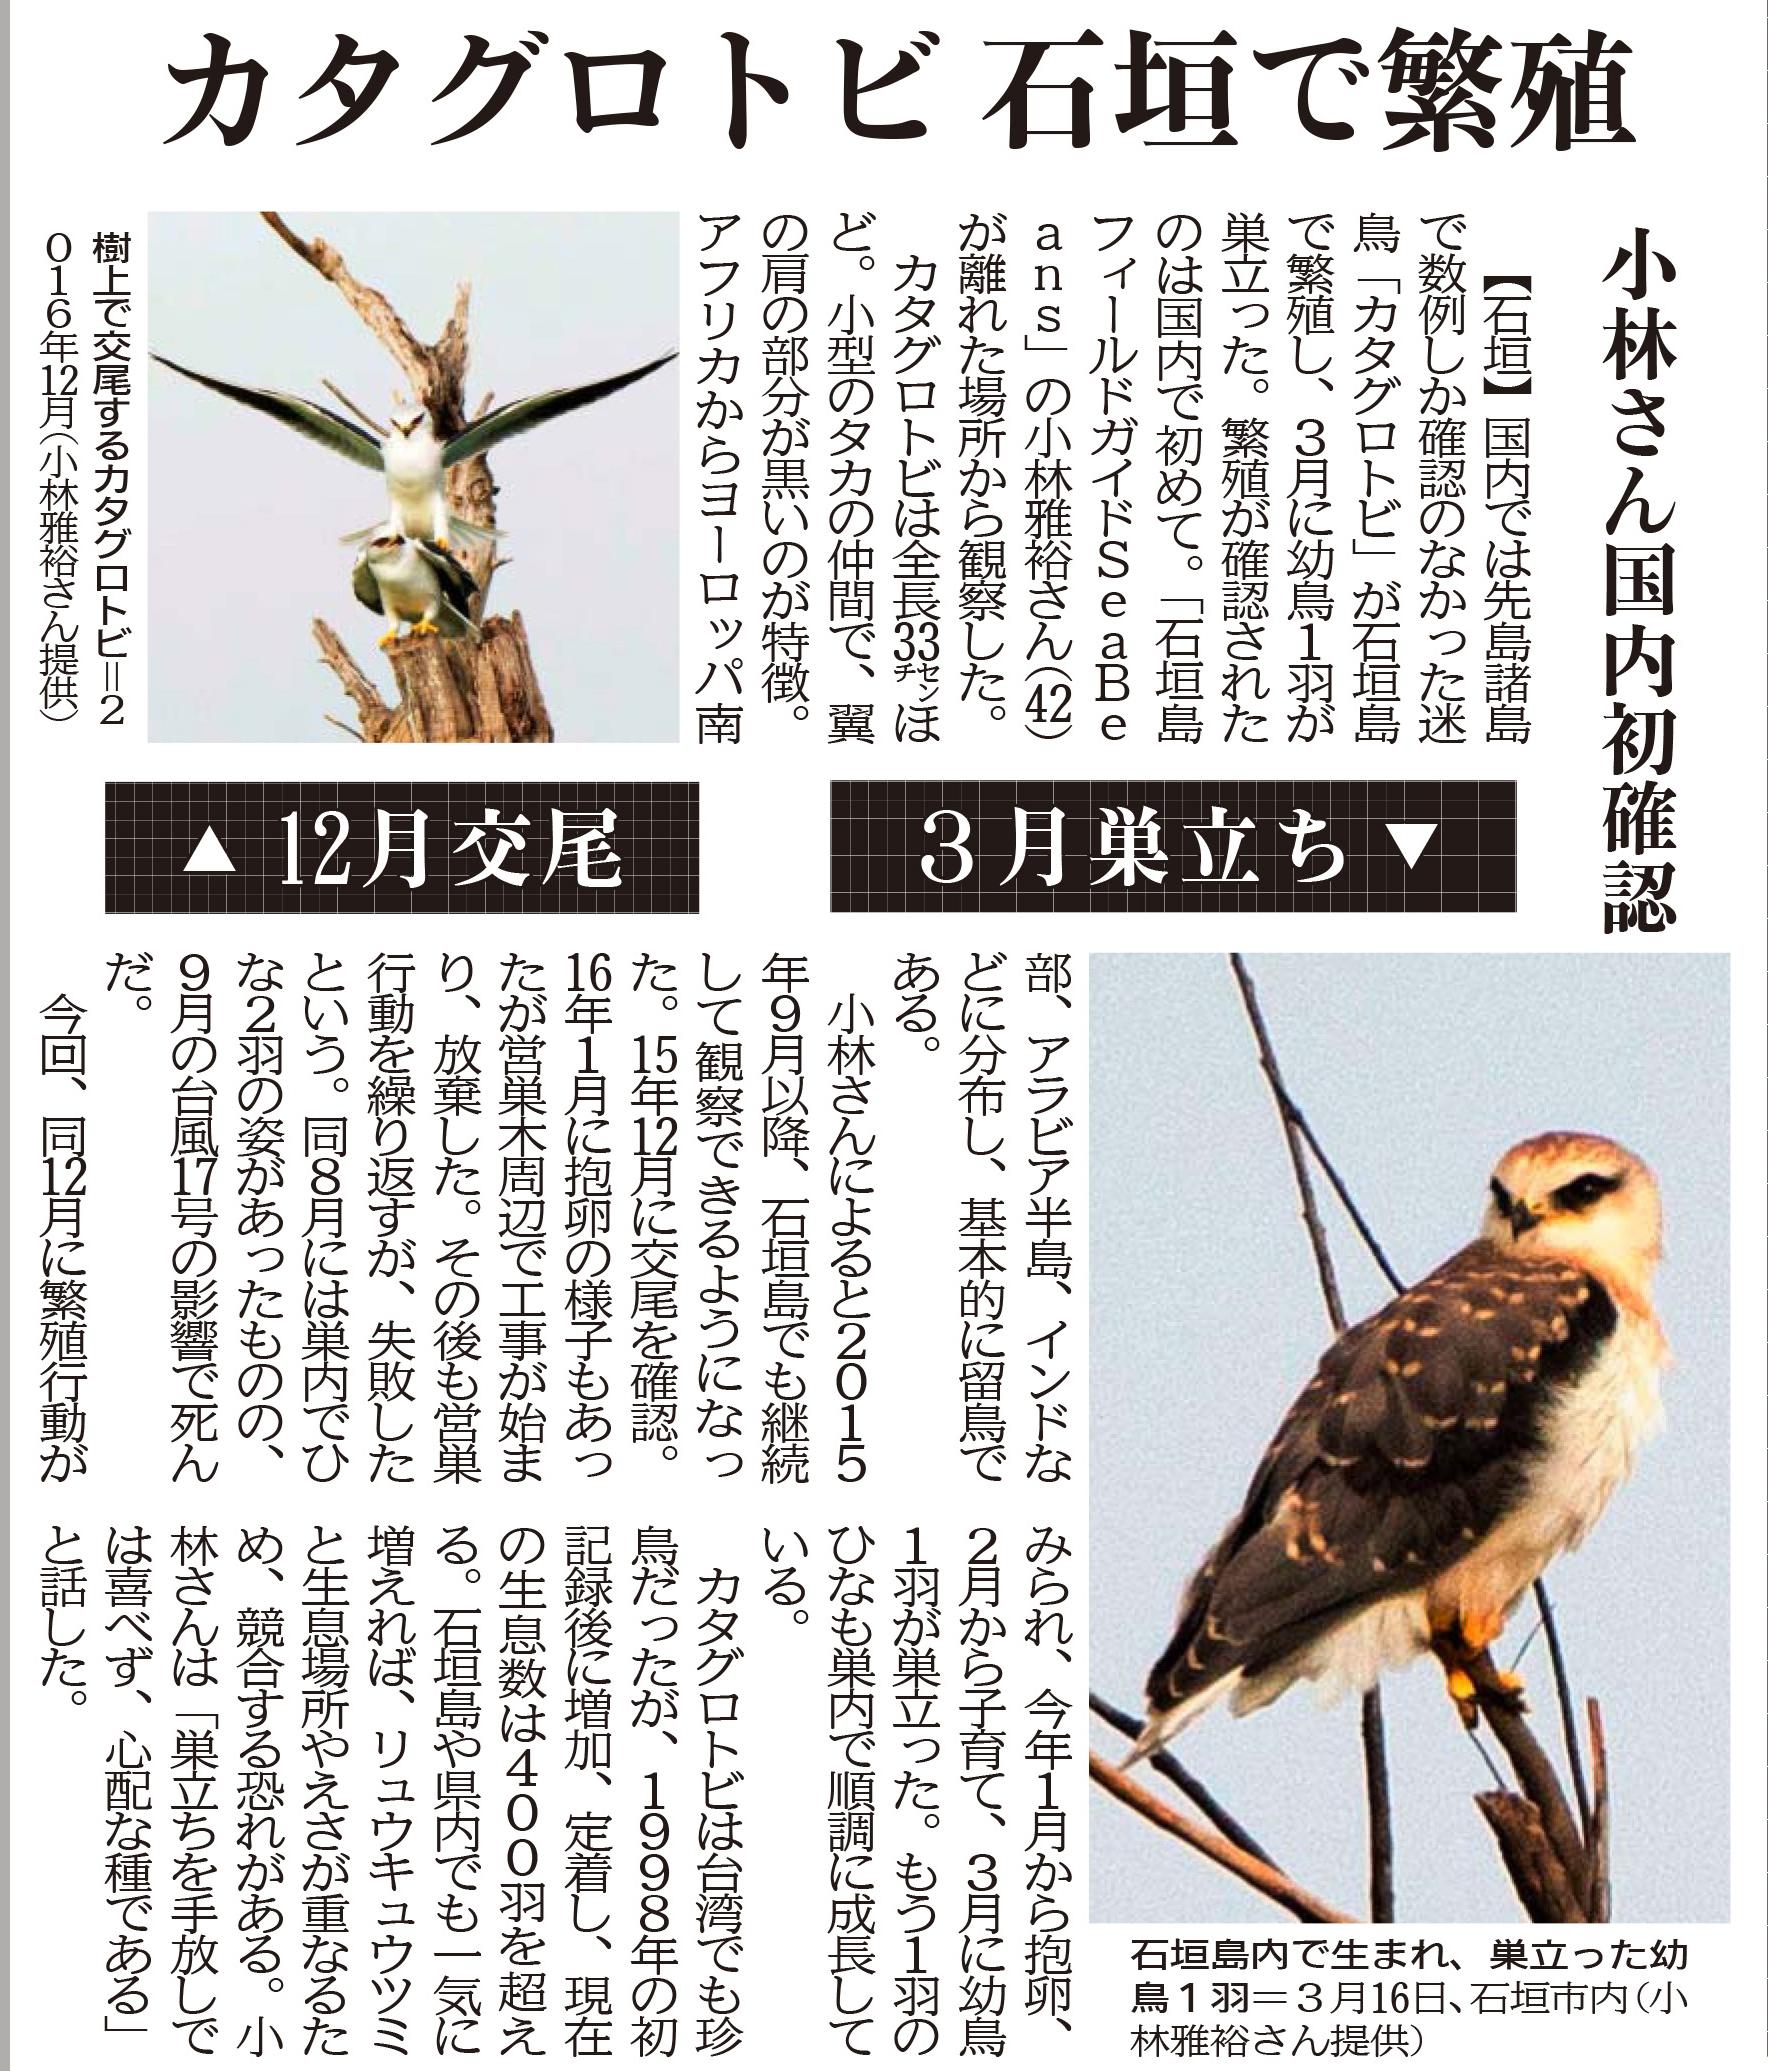 カタグロトビ石垣で繁殖 沖縄タイムス